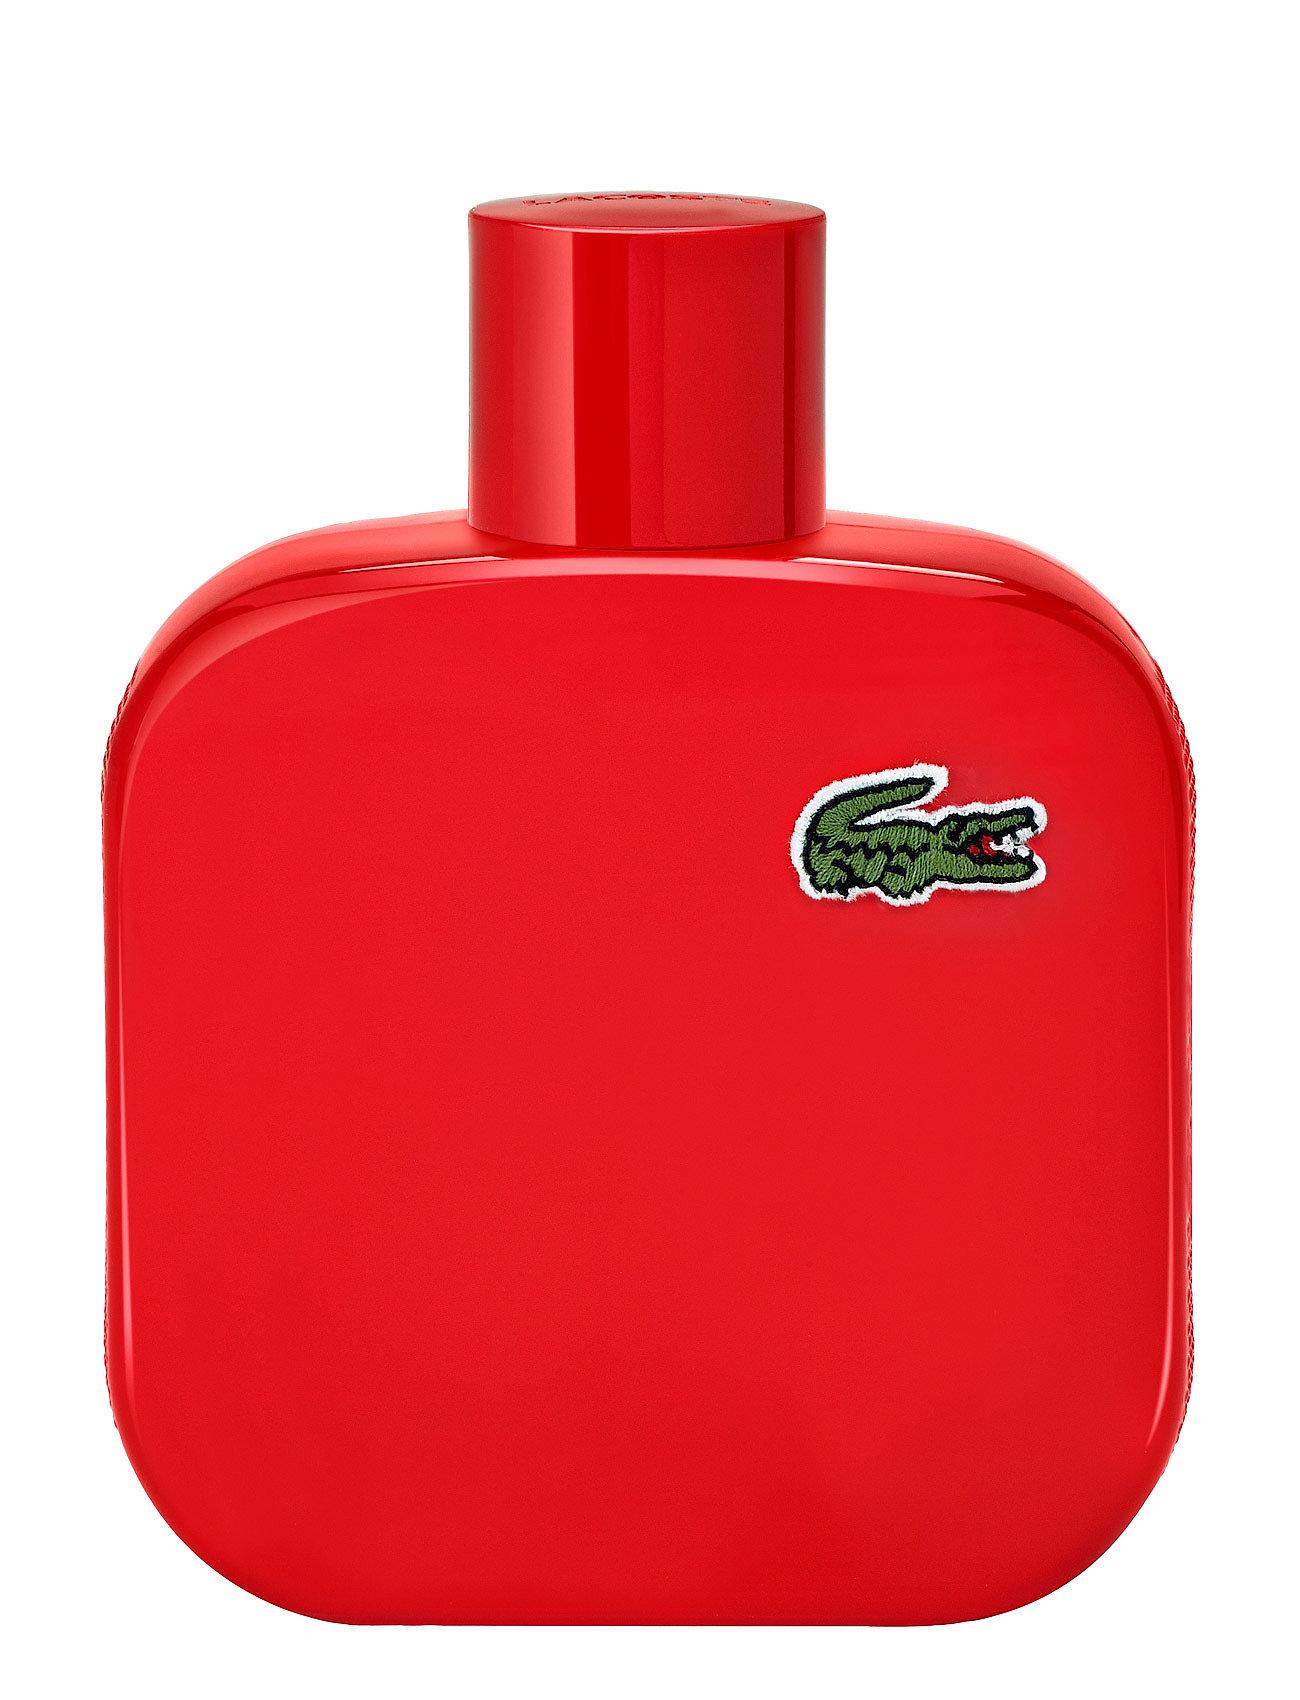 lacoste fragrance – Lacoste l12.12 red ph eau de toilet fra boozt.com dk